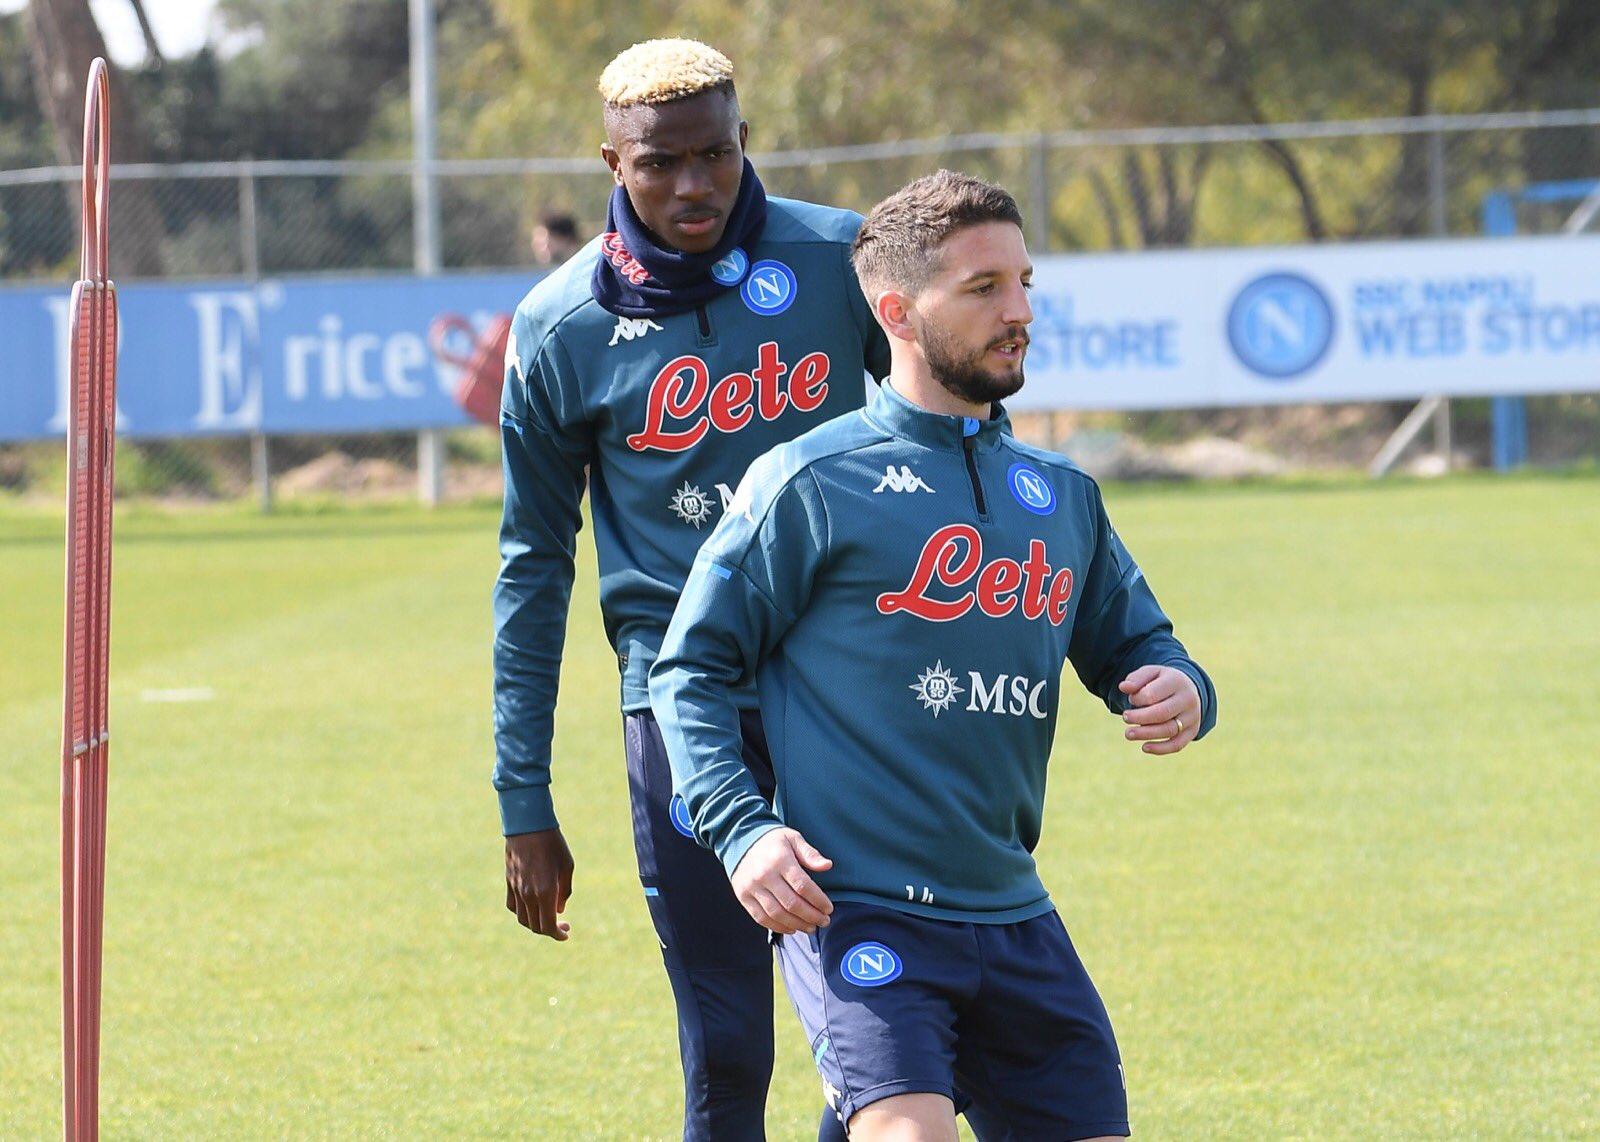 Mertens e Osimhen podem jogar juntos no Napoli?